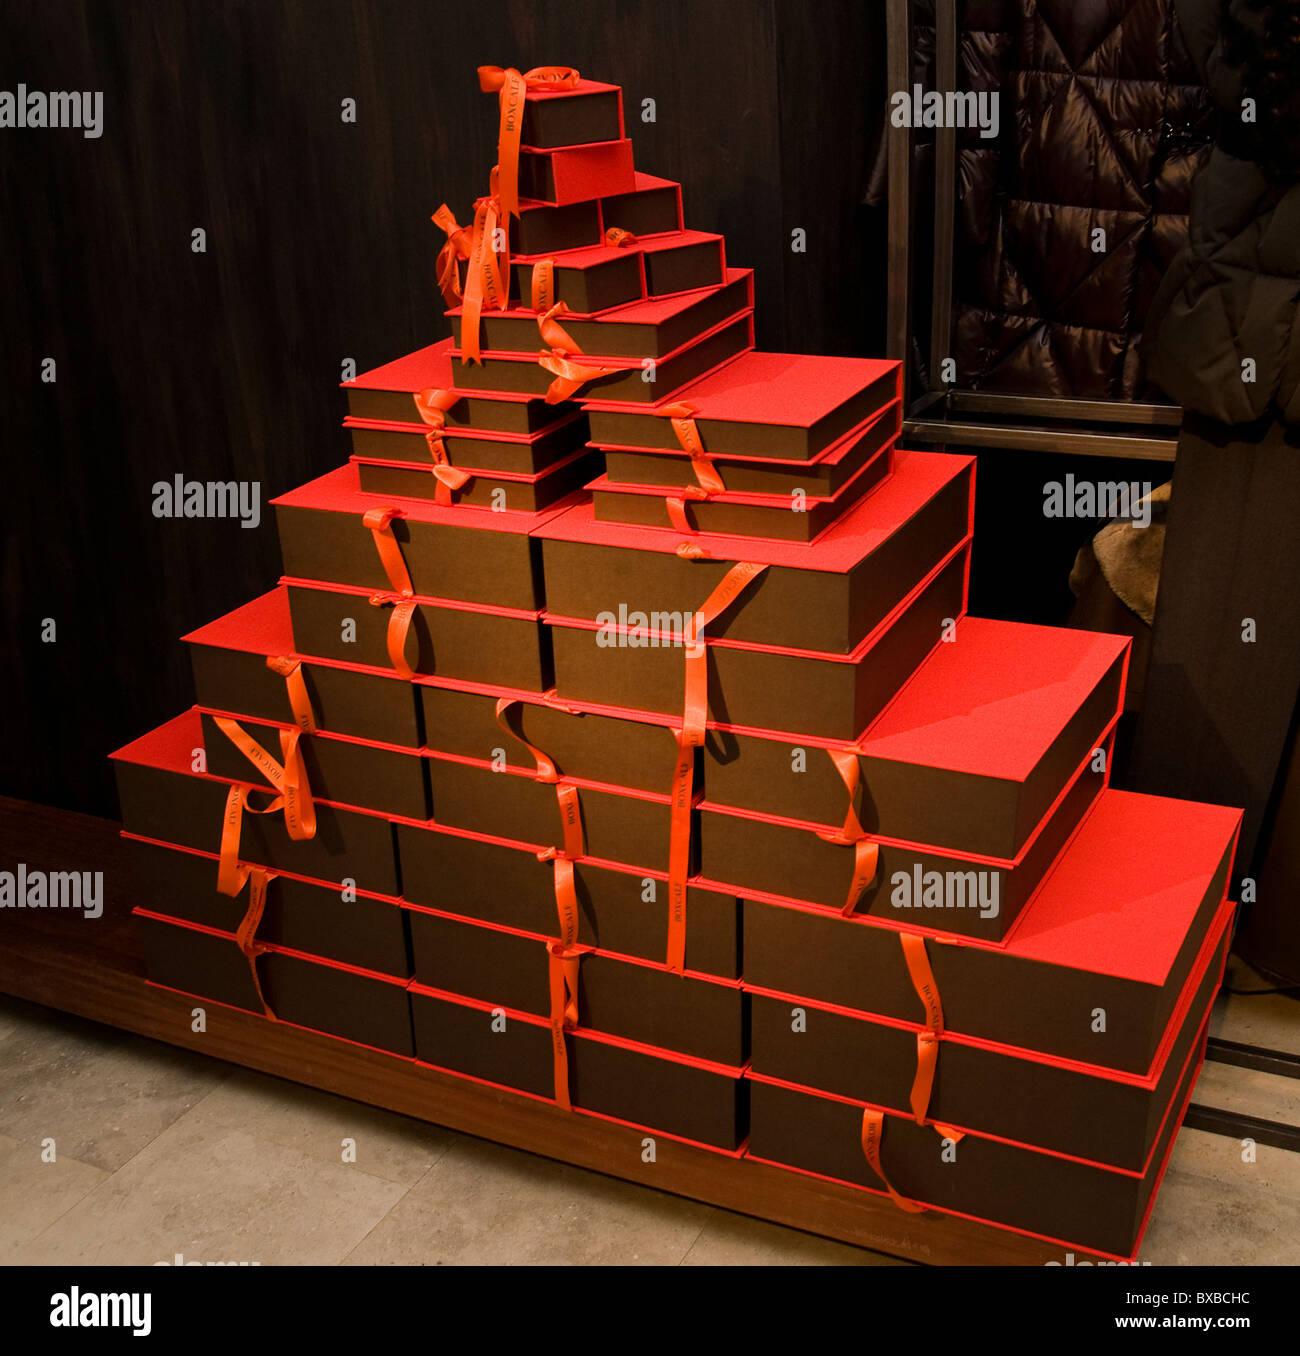 Bilbao Spanien Spanisch baskischen Landhausmode cool Paket Gehäuse rote Box Case Geschenk Stockbild